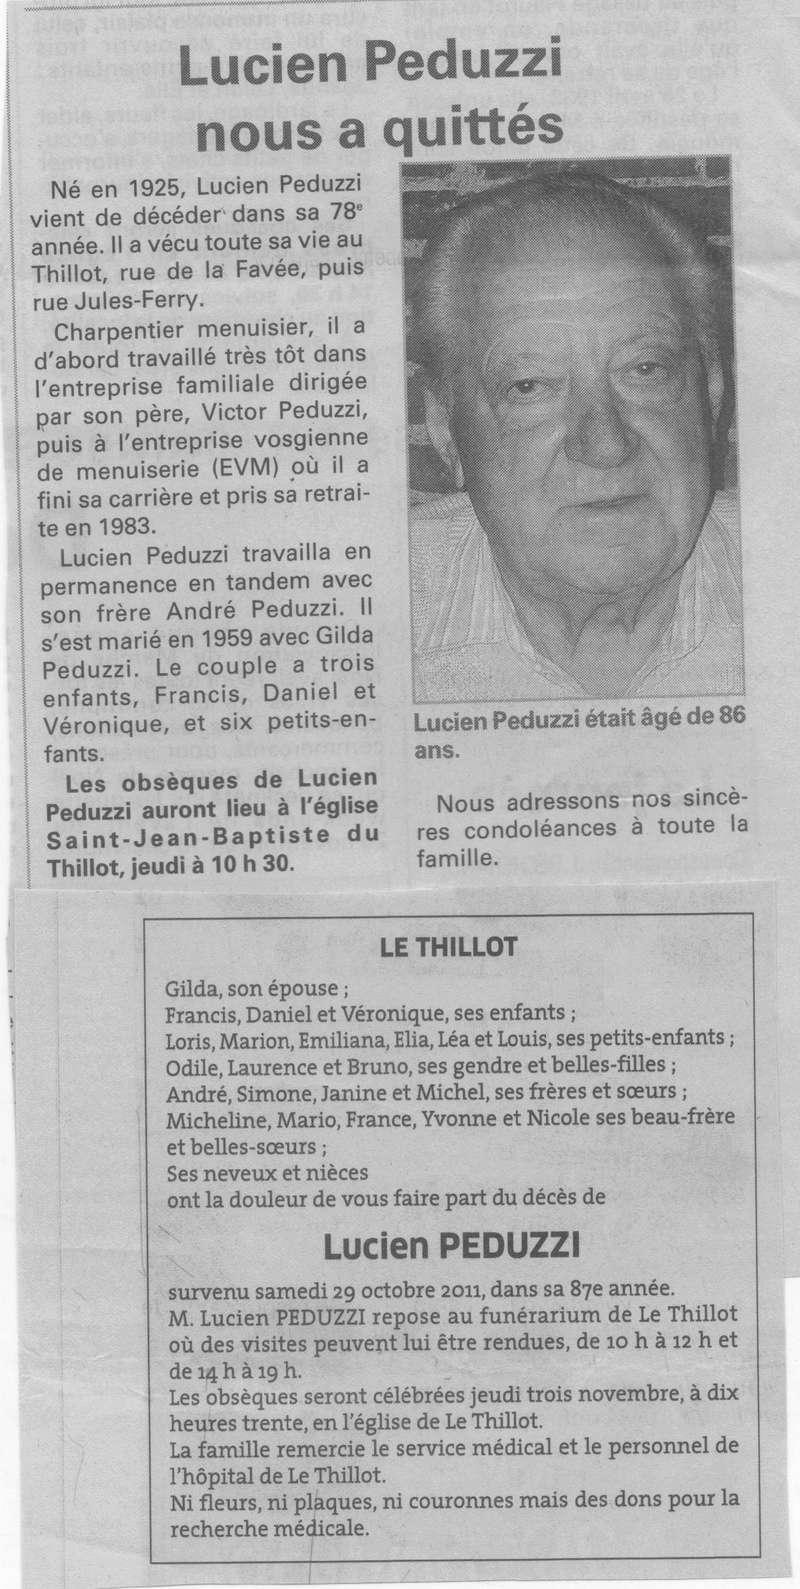 LE THILLOT - SOUVENIRS DE LUCIEN PEDUZZI 37_00110